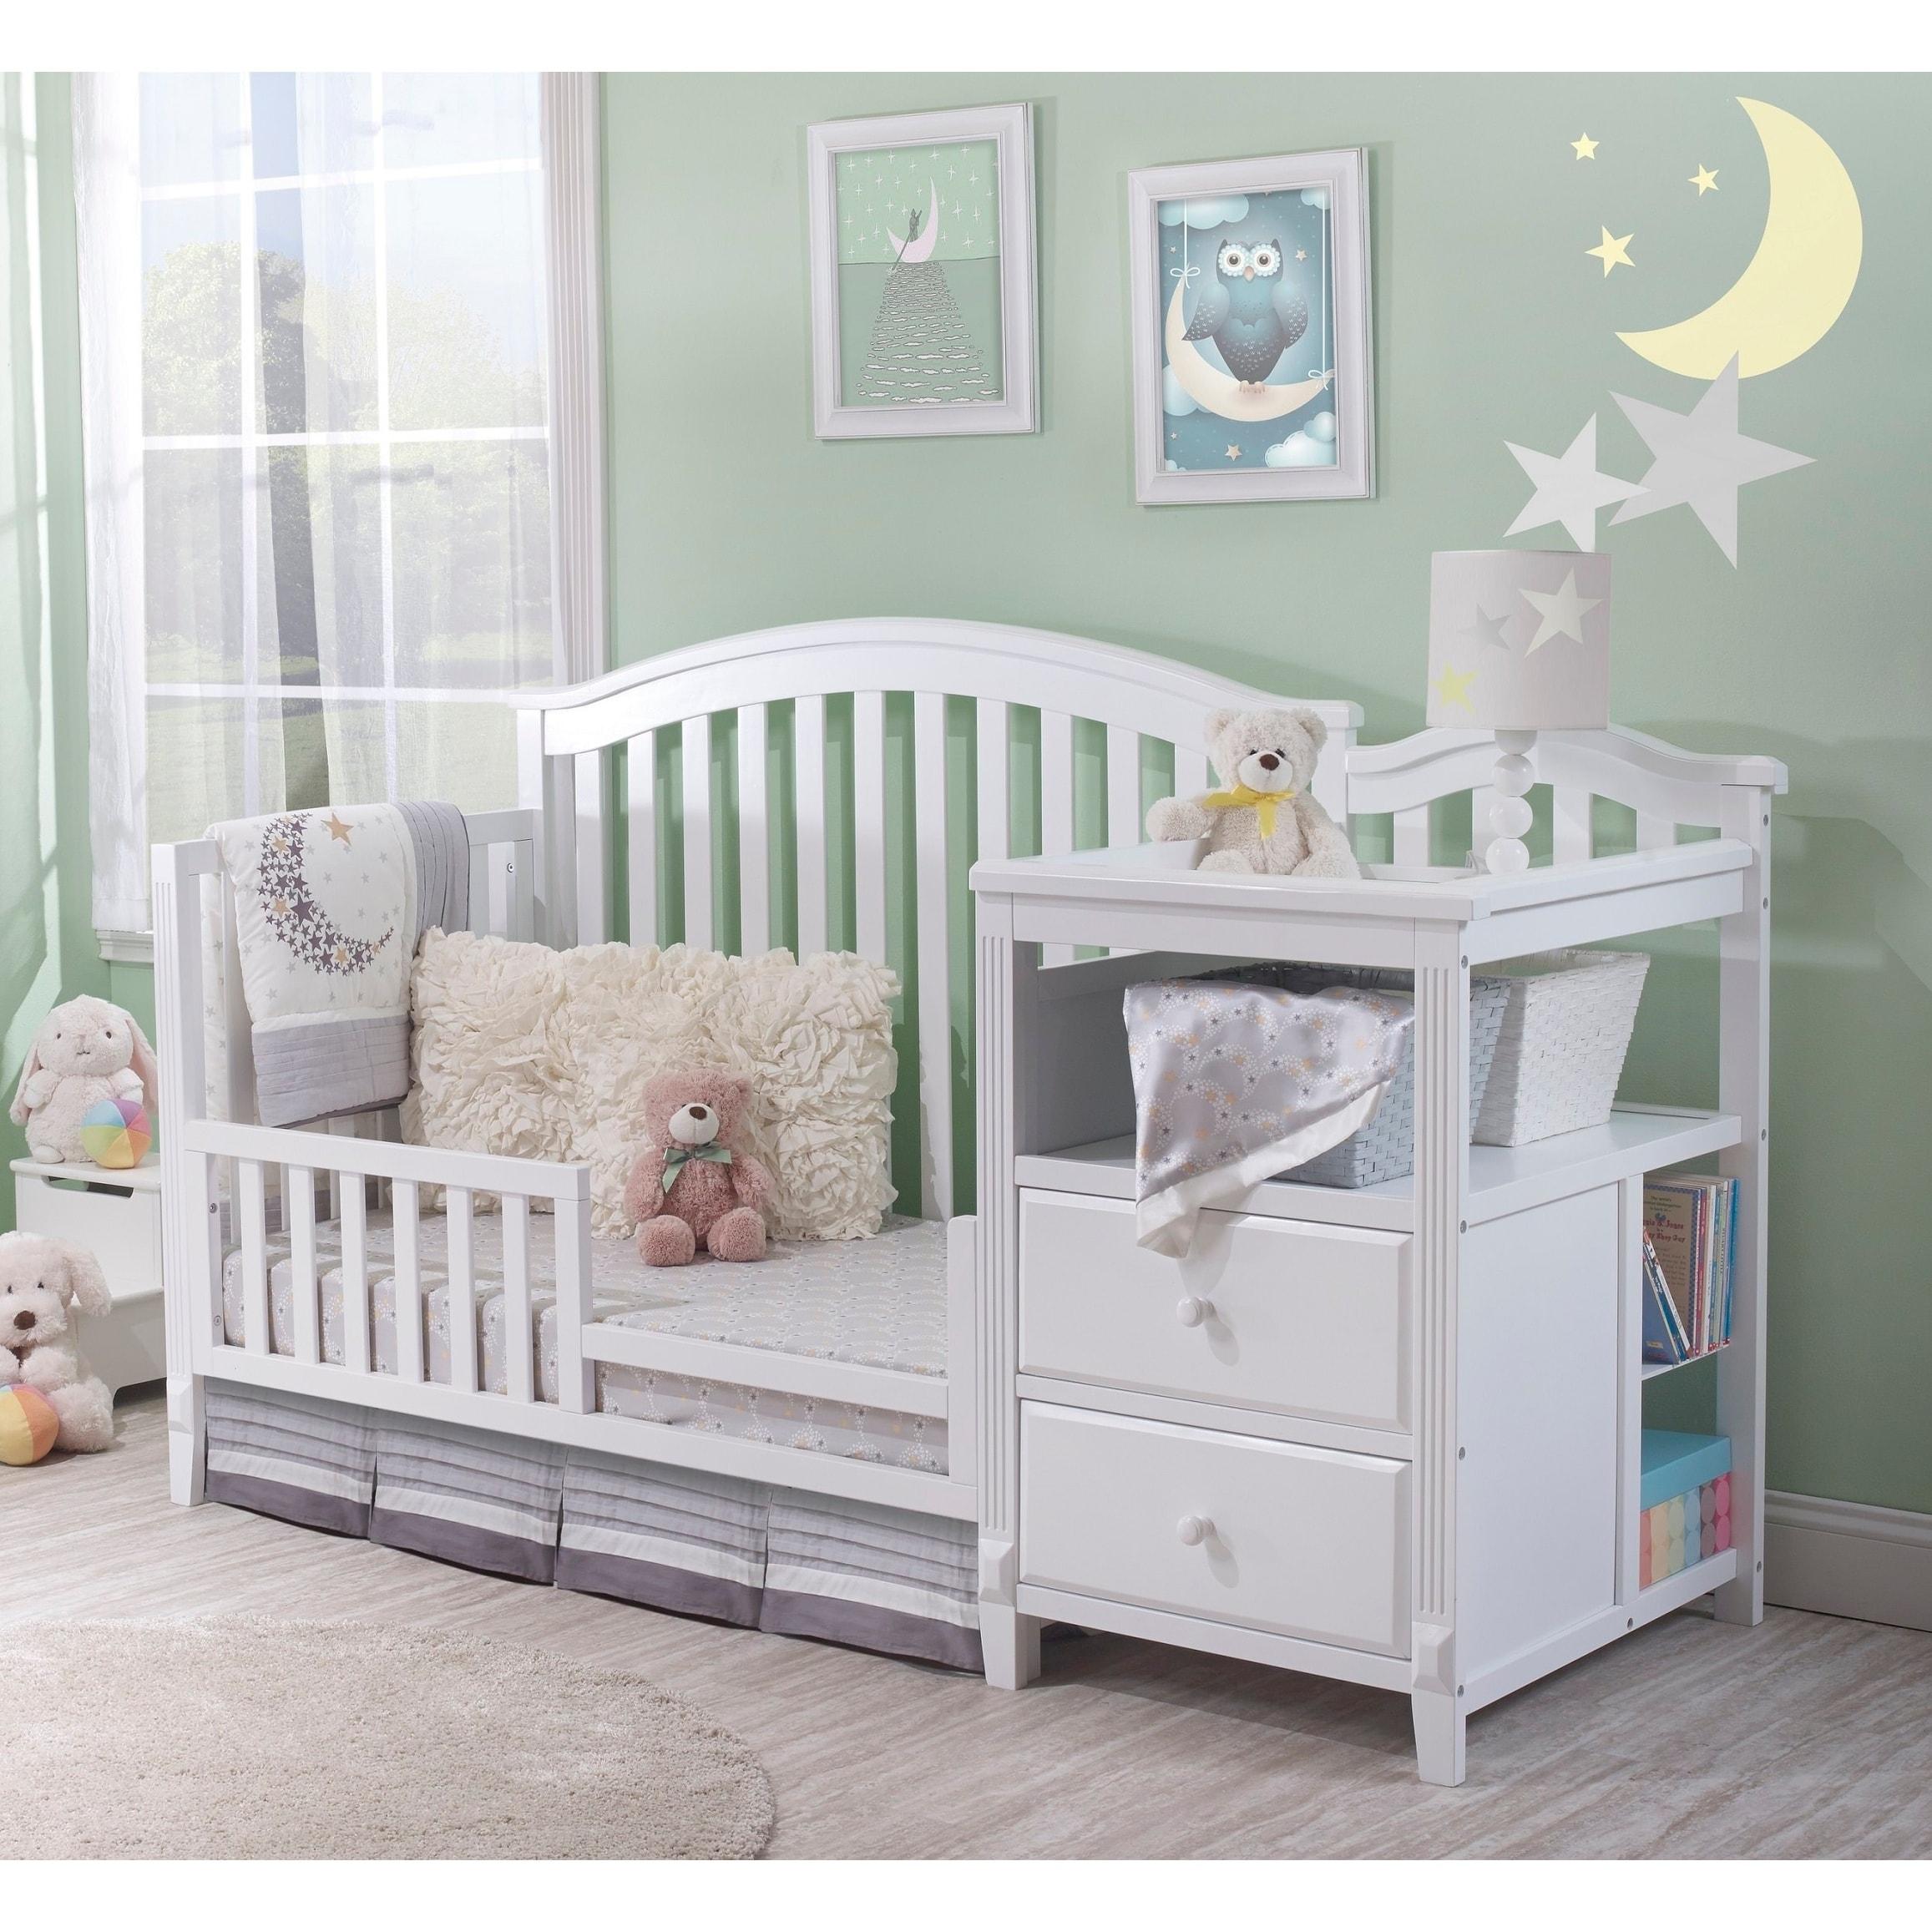 Sorelle Berkley 4 In 1 Crib Changer White Overstock 22047070